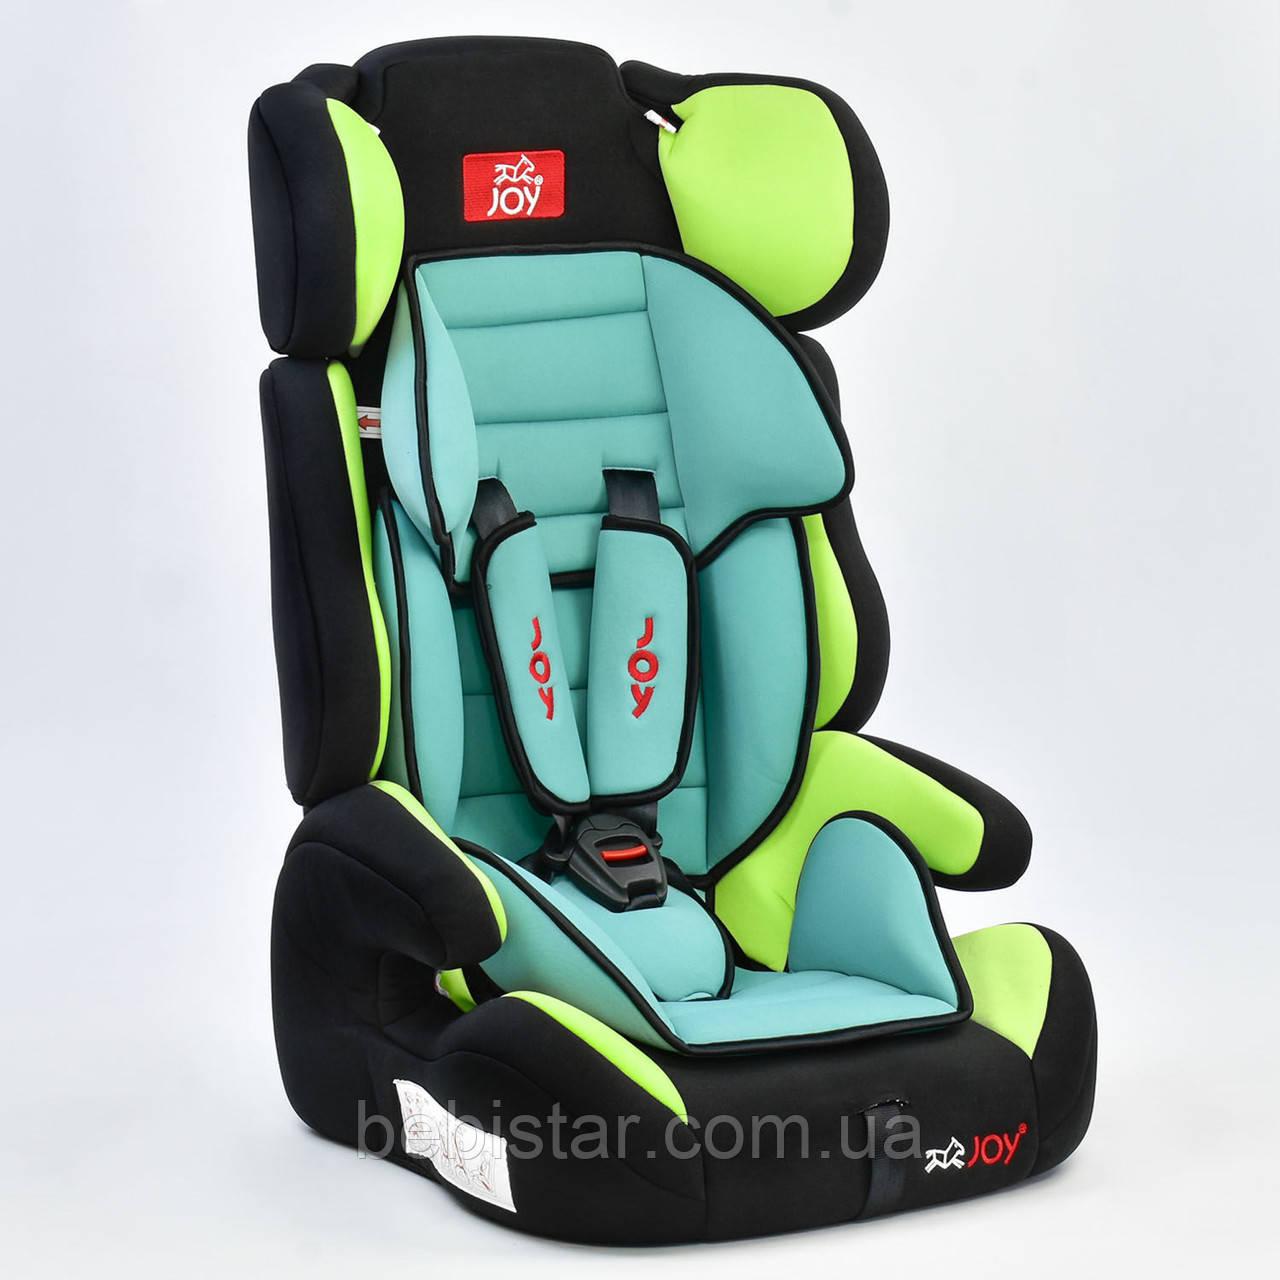 Детское автокресло Joy Е 4445  Цвет чёрно-зелёный 9-36 кг